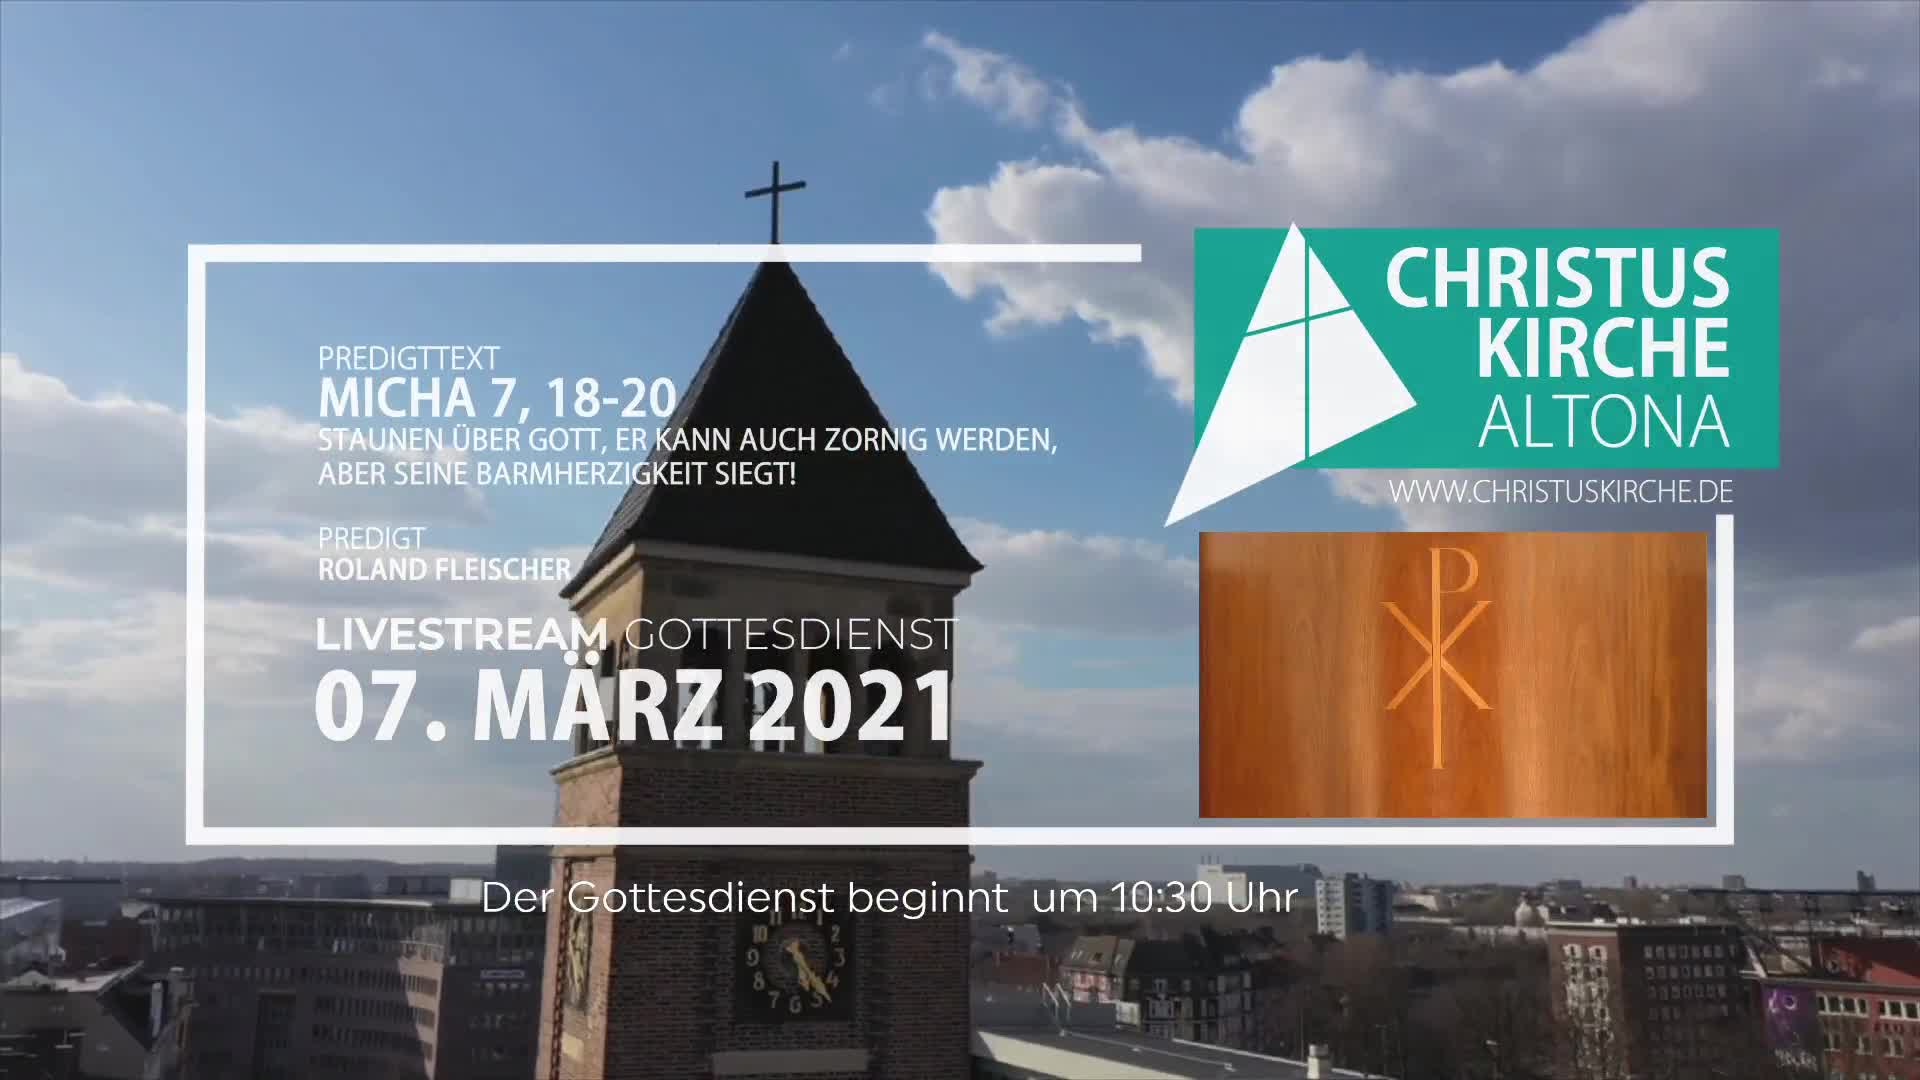 Gottesdienst am 07. März - Livestream aus der Christuskirche Altona